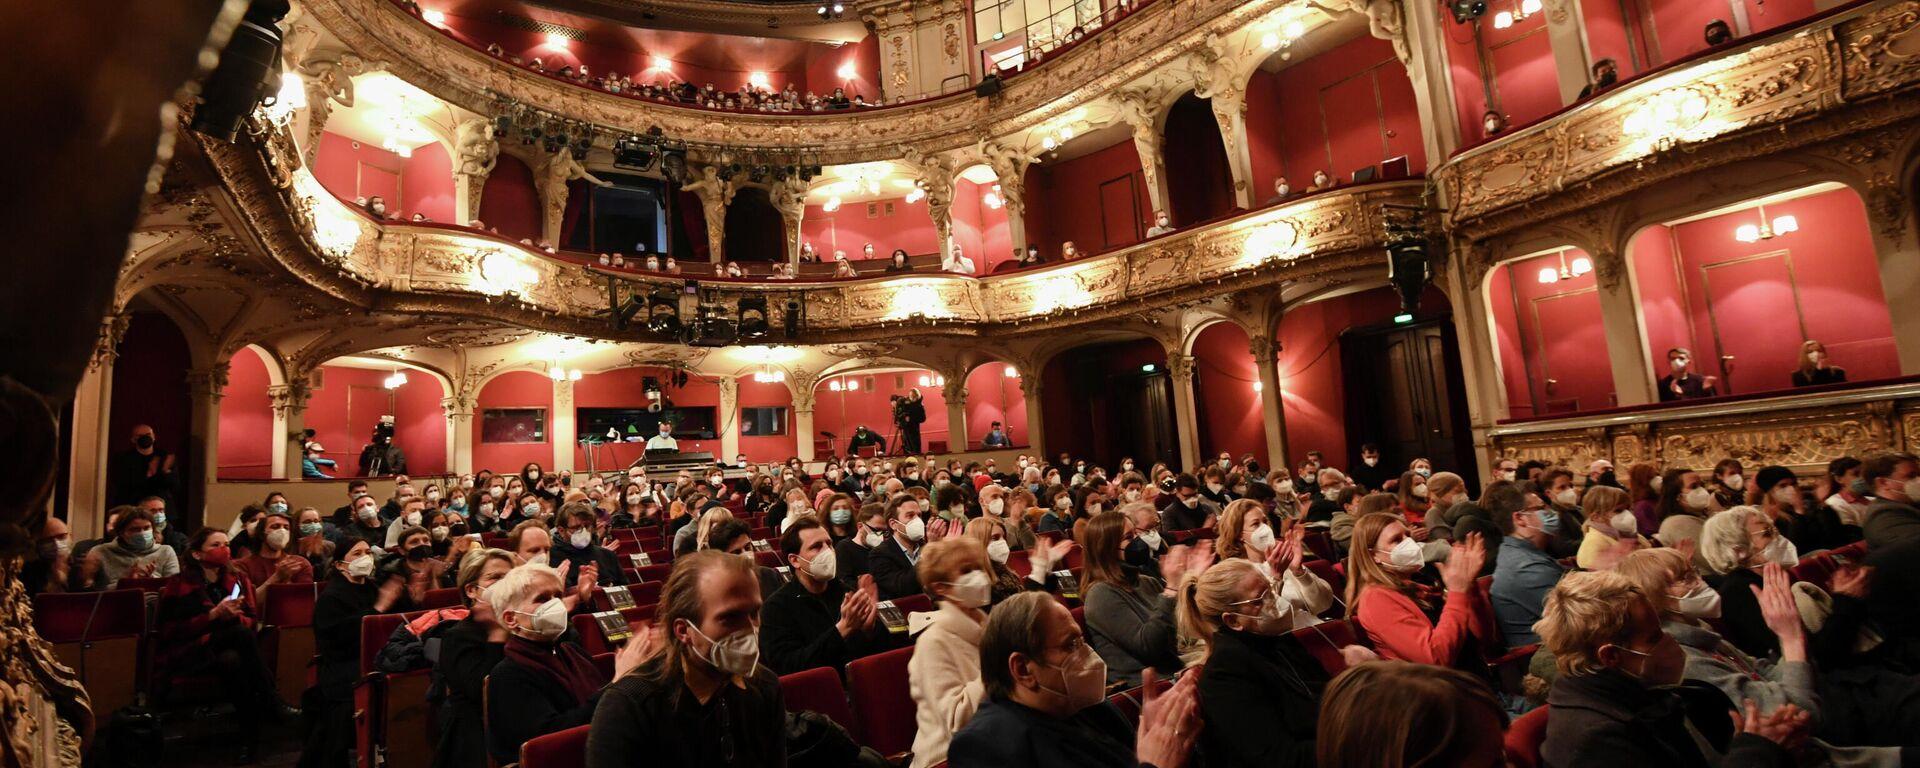 Besucher im Berliner Ensemble bei einer Test-Veranstaltung, 19. März 2021 - SNA, 1920, 29.03.2021